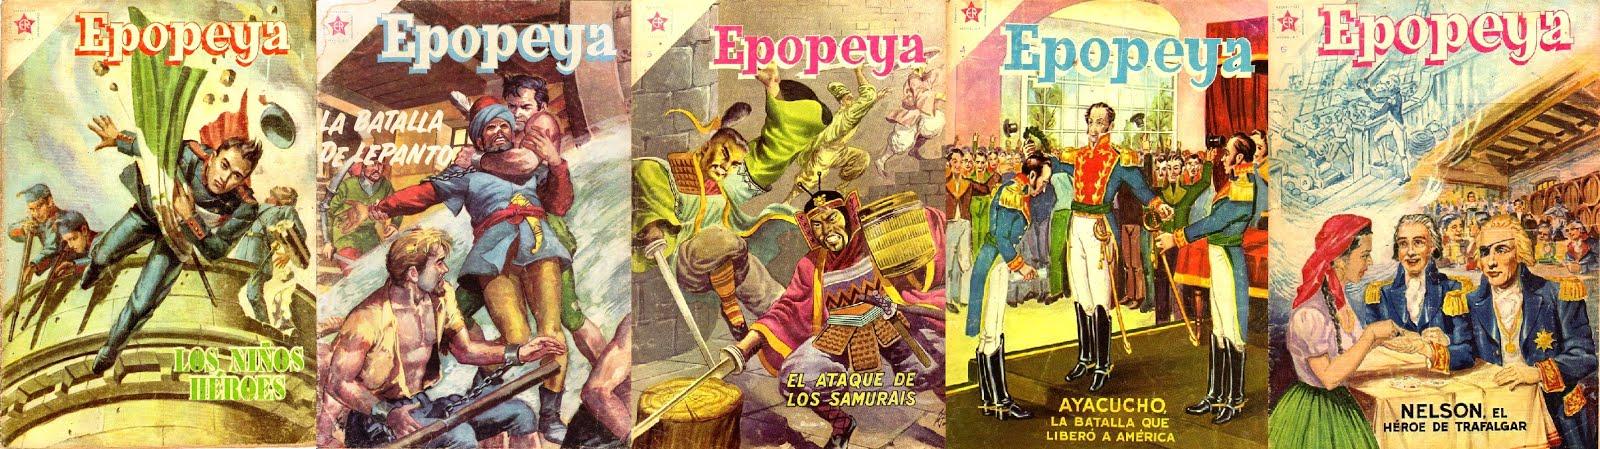 PRÓXIMAMENTE: La colección CASI completa Epopeya Novaro ¡¡¡¡¡Sólo falta el nº 225!!!